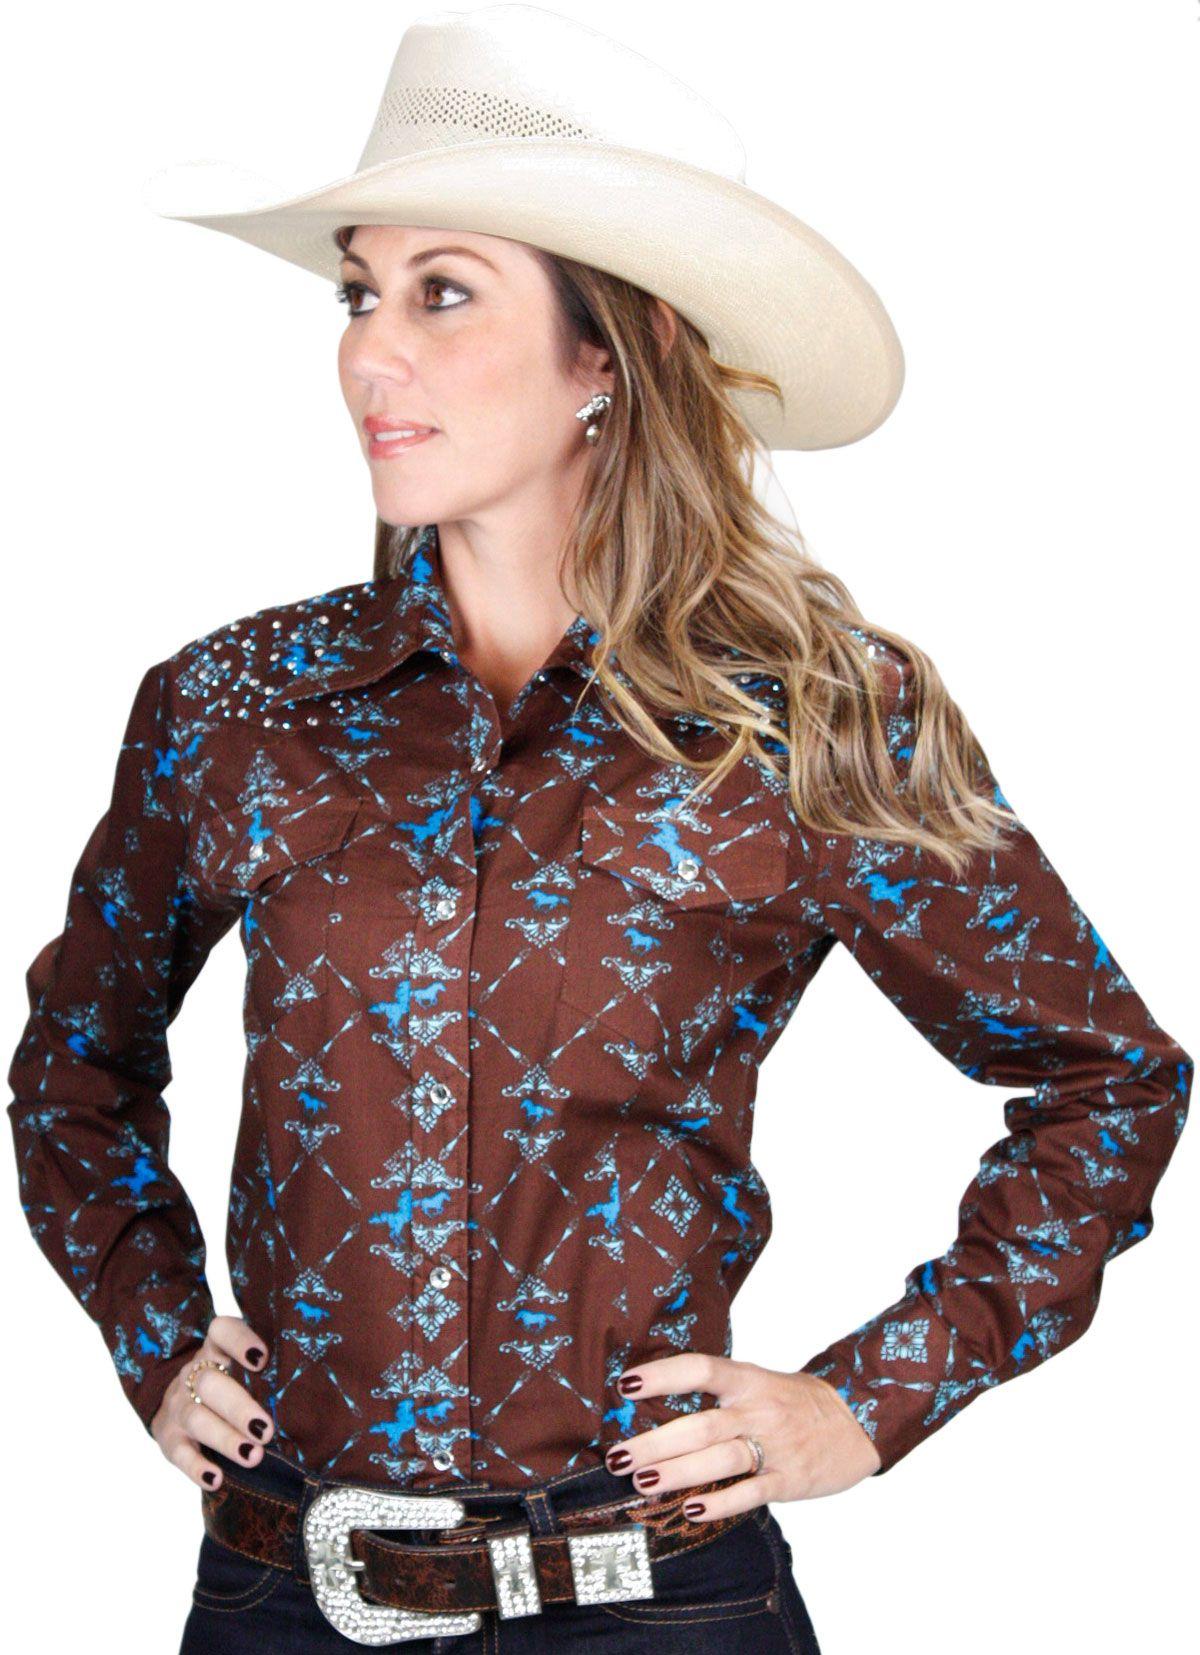 4542e7a78d camisa feminina Marrom Manga Longa Importada com Strass e Botão de Pressão  camisa feminina marrom